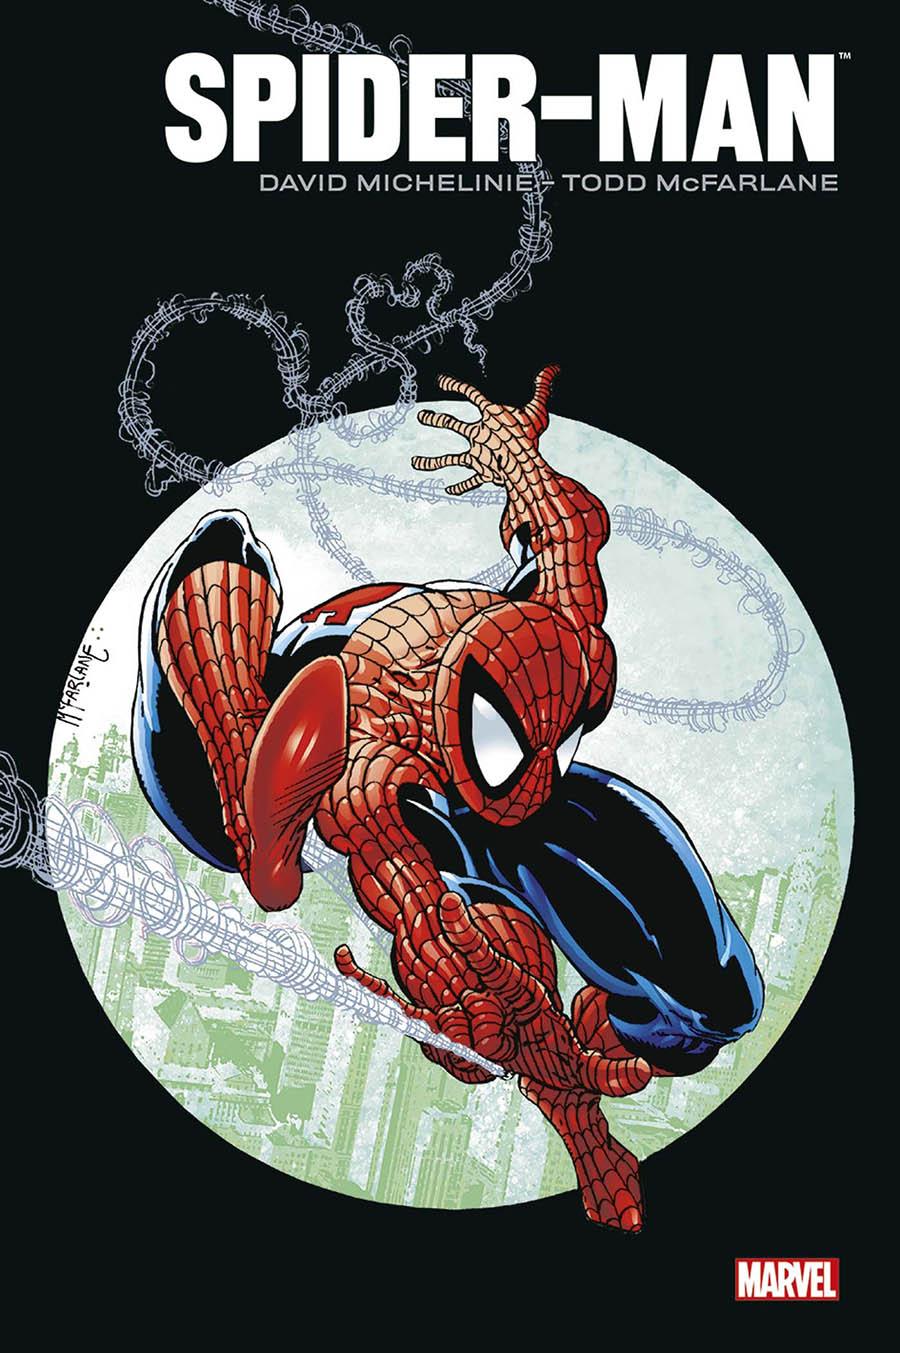 Amazing Spider-Man (Michelinie/McFarlane)